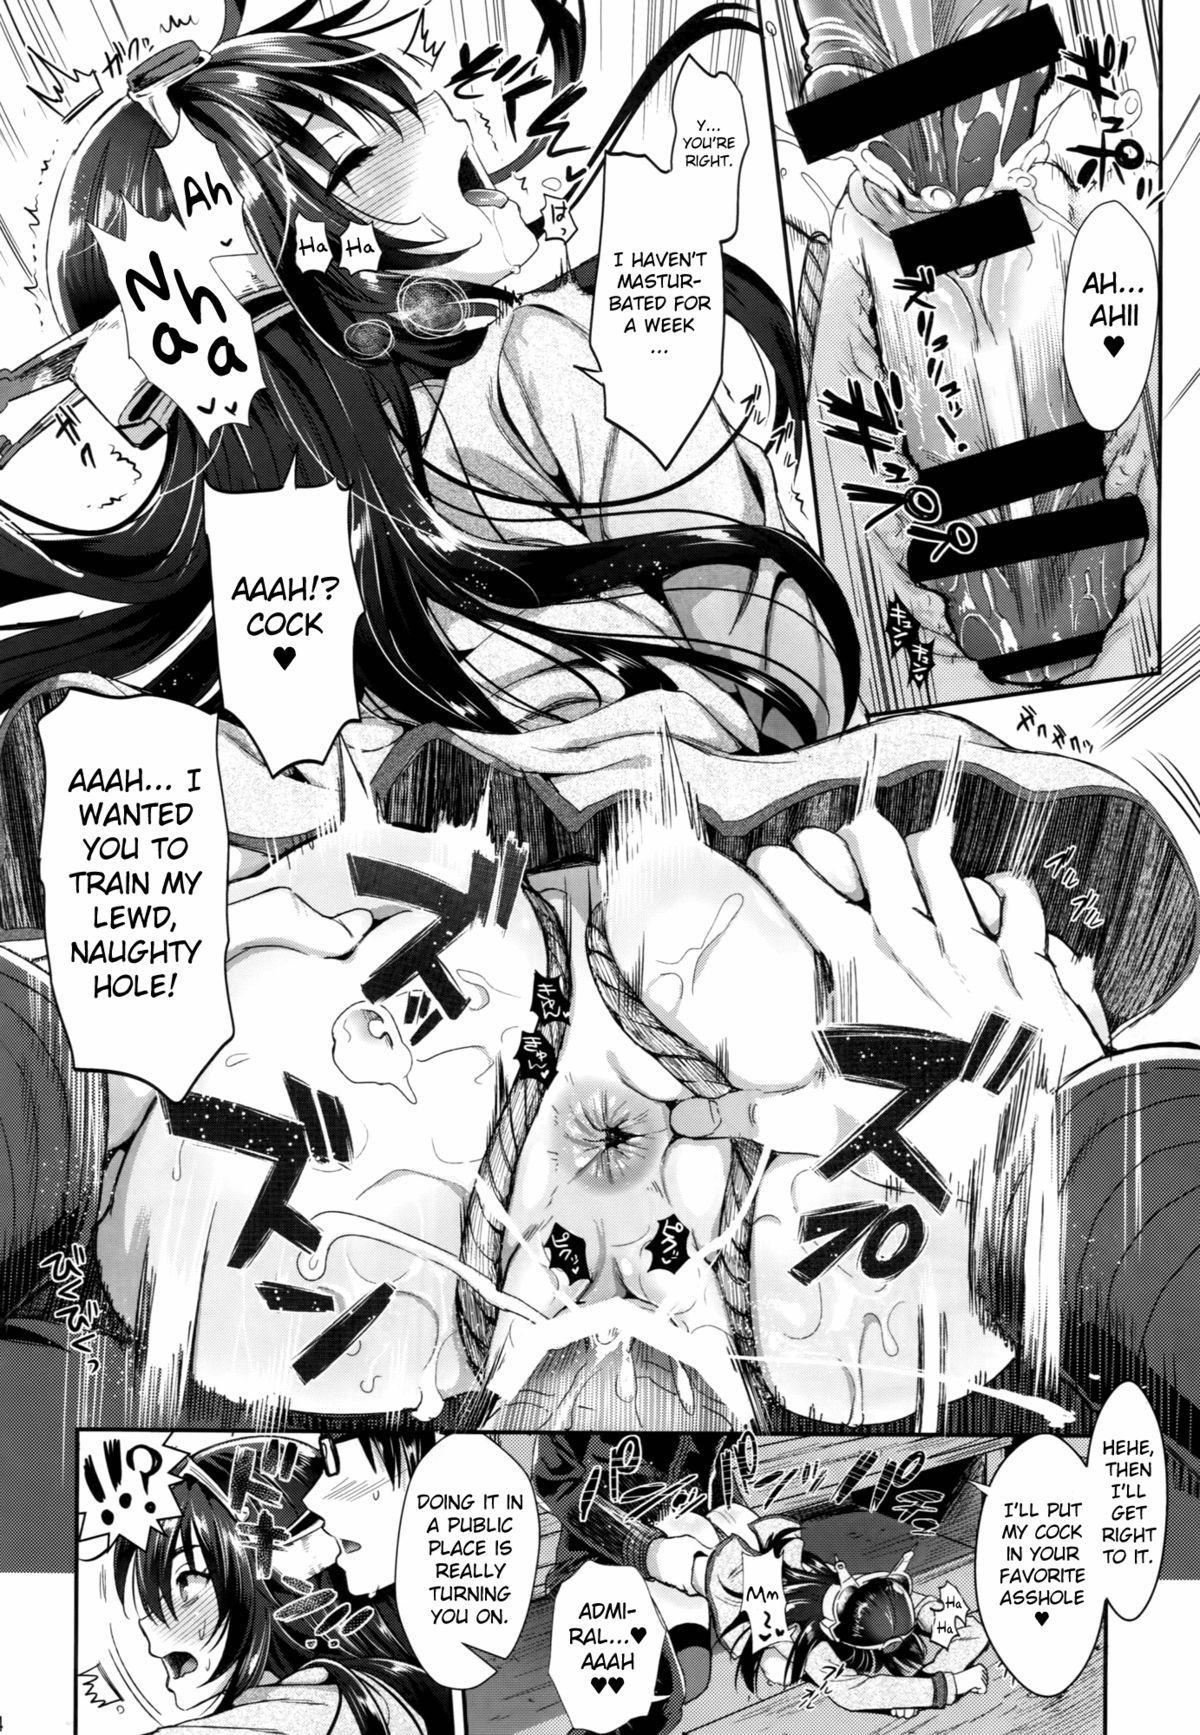 (C87) [YURIRU-RARIKA (Kojima Saya, Lazu)] Senkan Nagato to Hentai Teitoku (Sono Ni)   Battleship Nagato and Perverted Admiral (Part 2) (Kantai Collection -KanColle-) [English] [MintVoid] 12